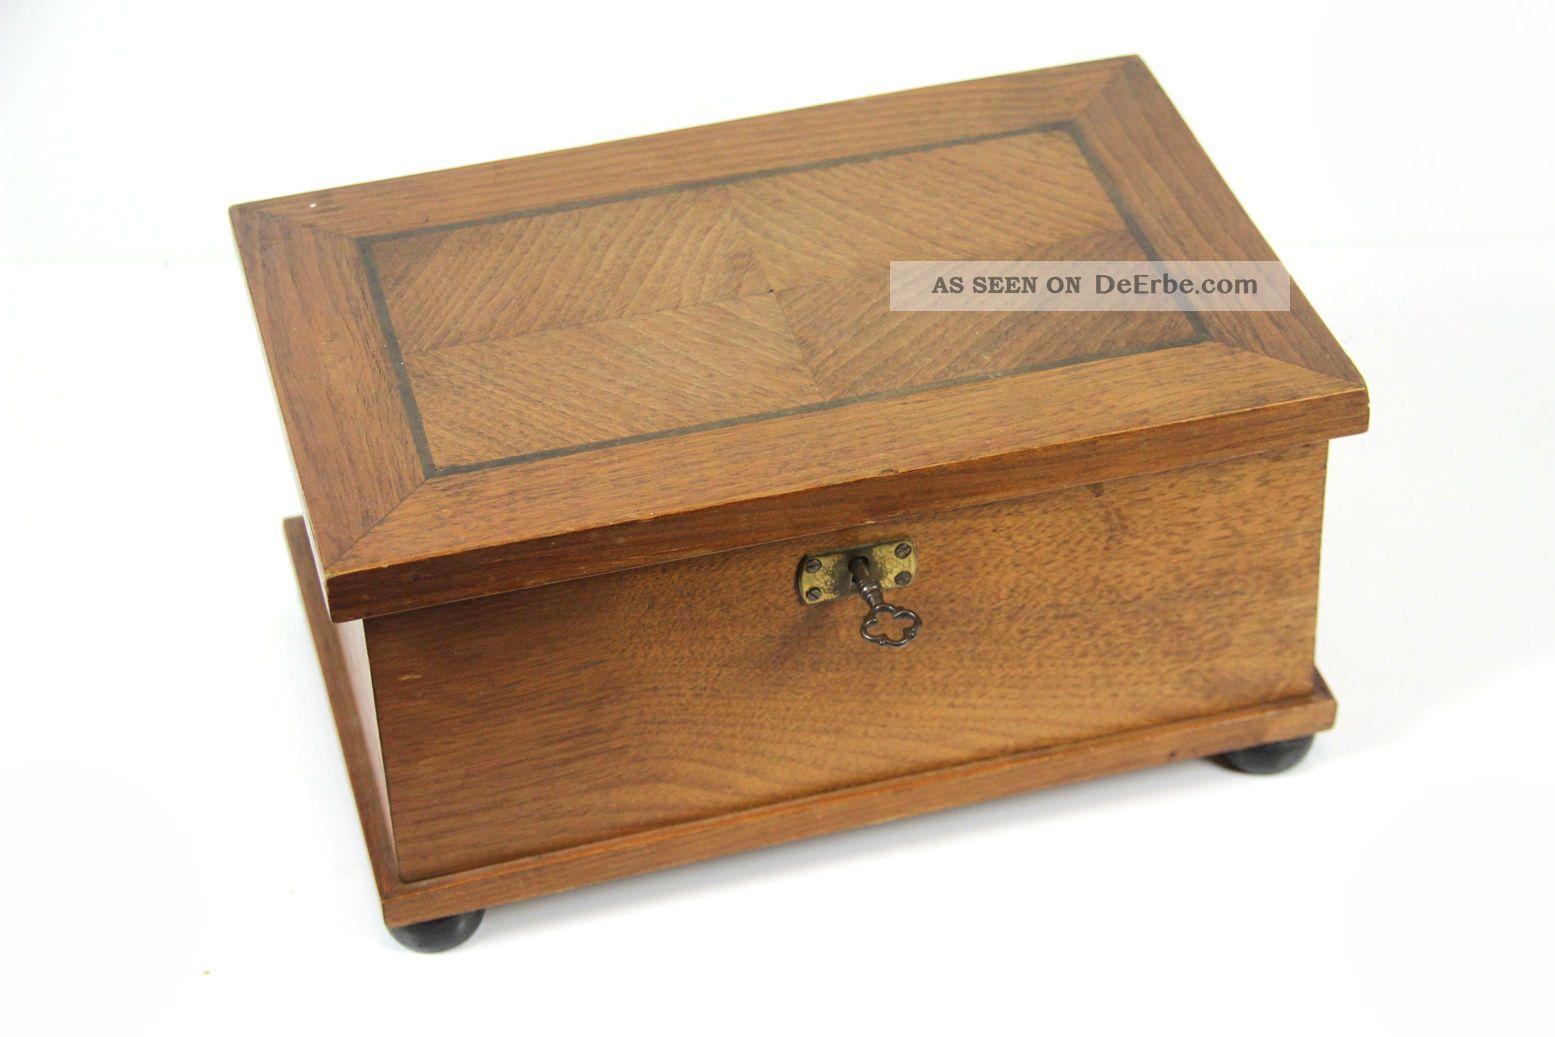 alte holz schmuckschatulle intarsien schatulle mit einsatz schachtel kiste 26 cm. Black Bedroom Furniture Sets. Home Design Ideas